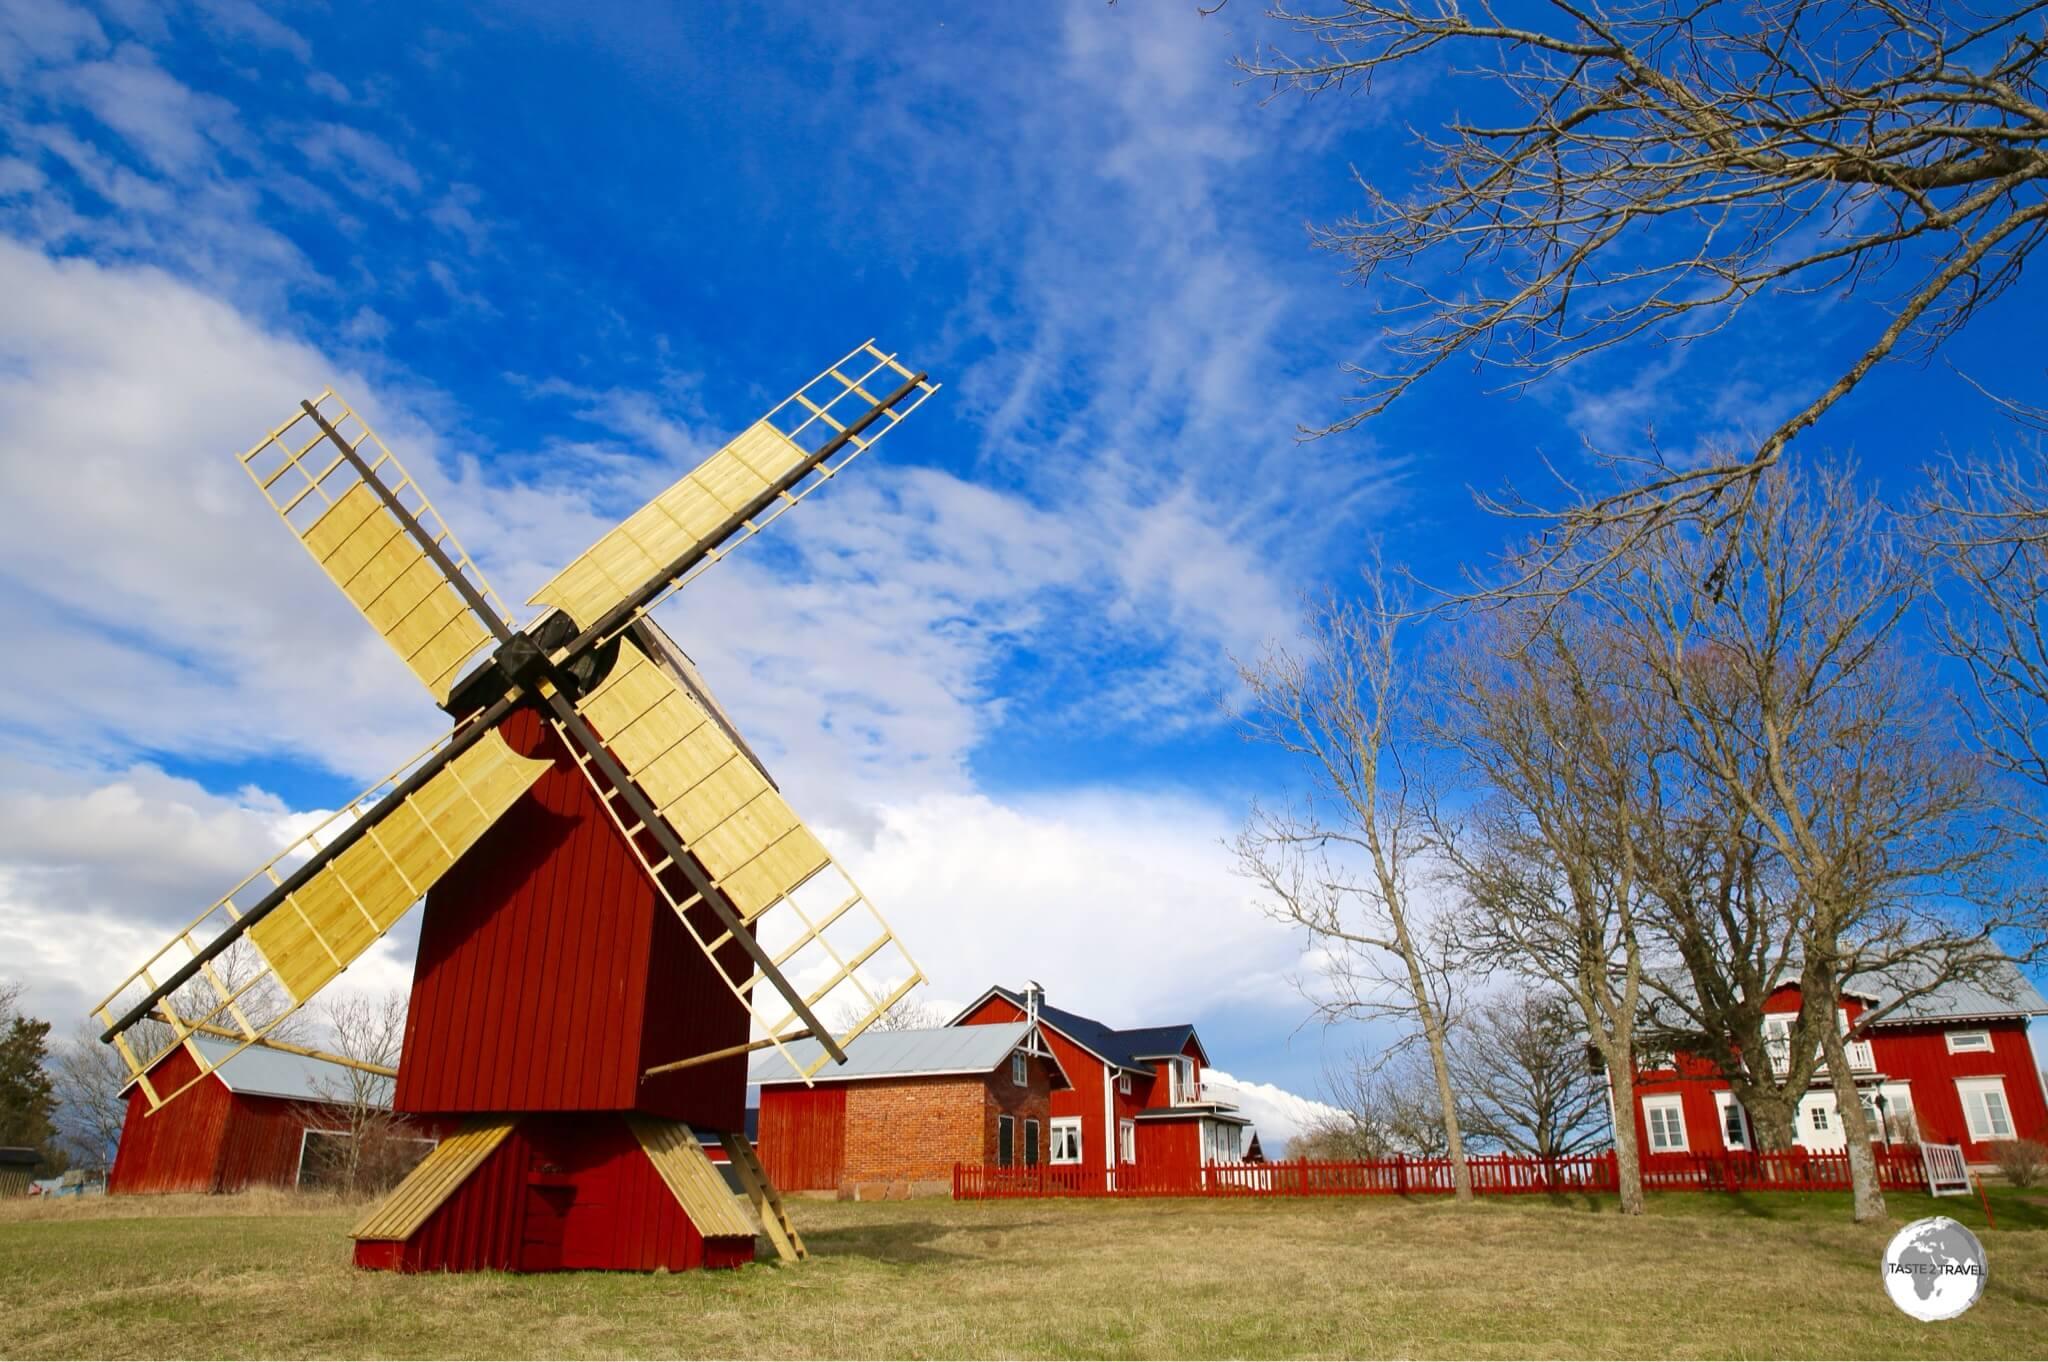 'Falu Red' Windmill, Åland Islands